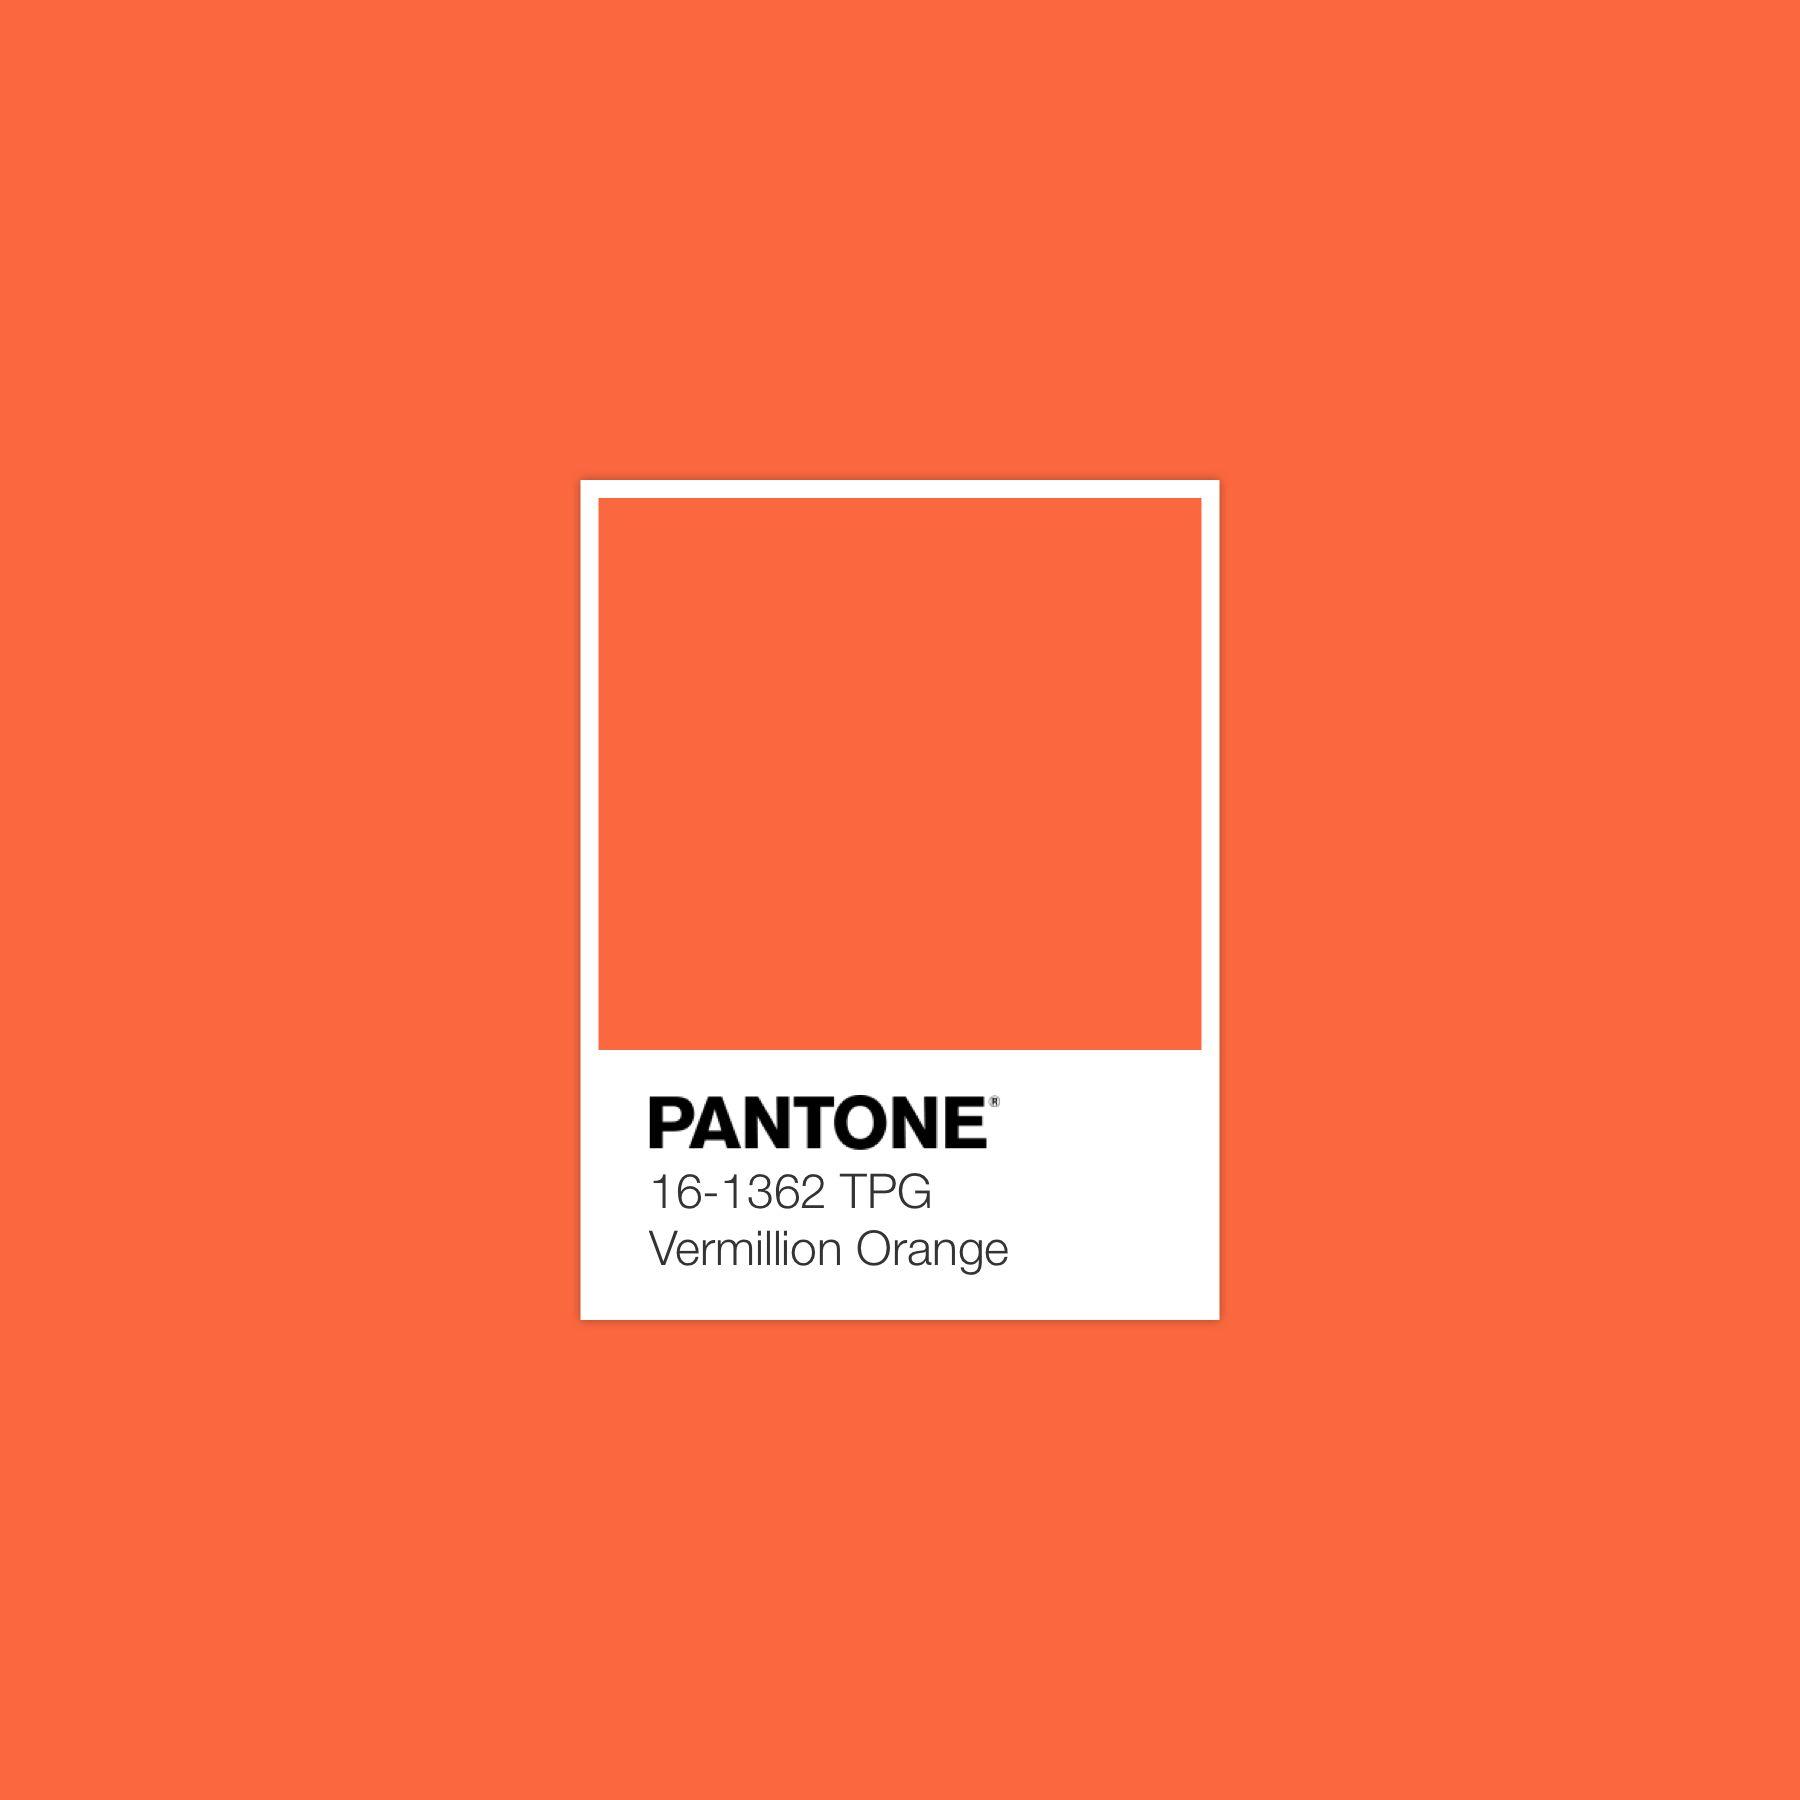 pantone vermillion orange